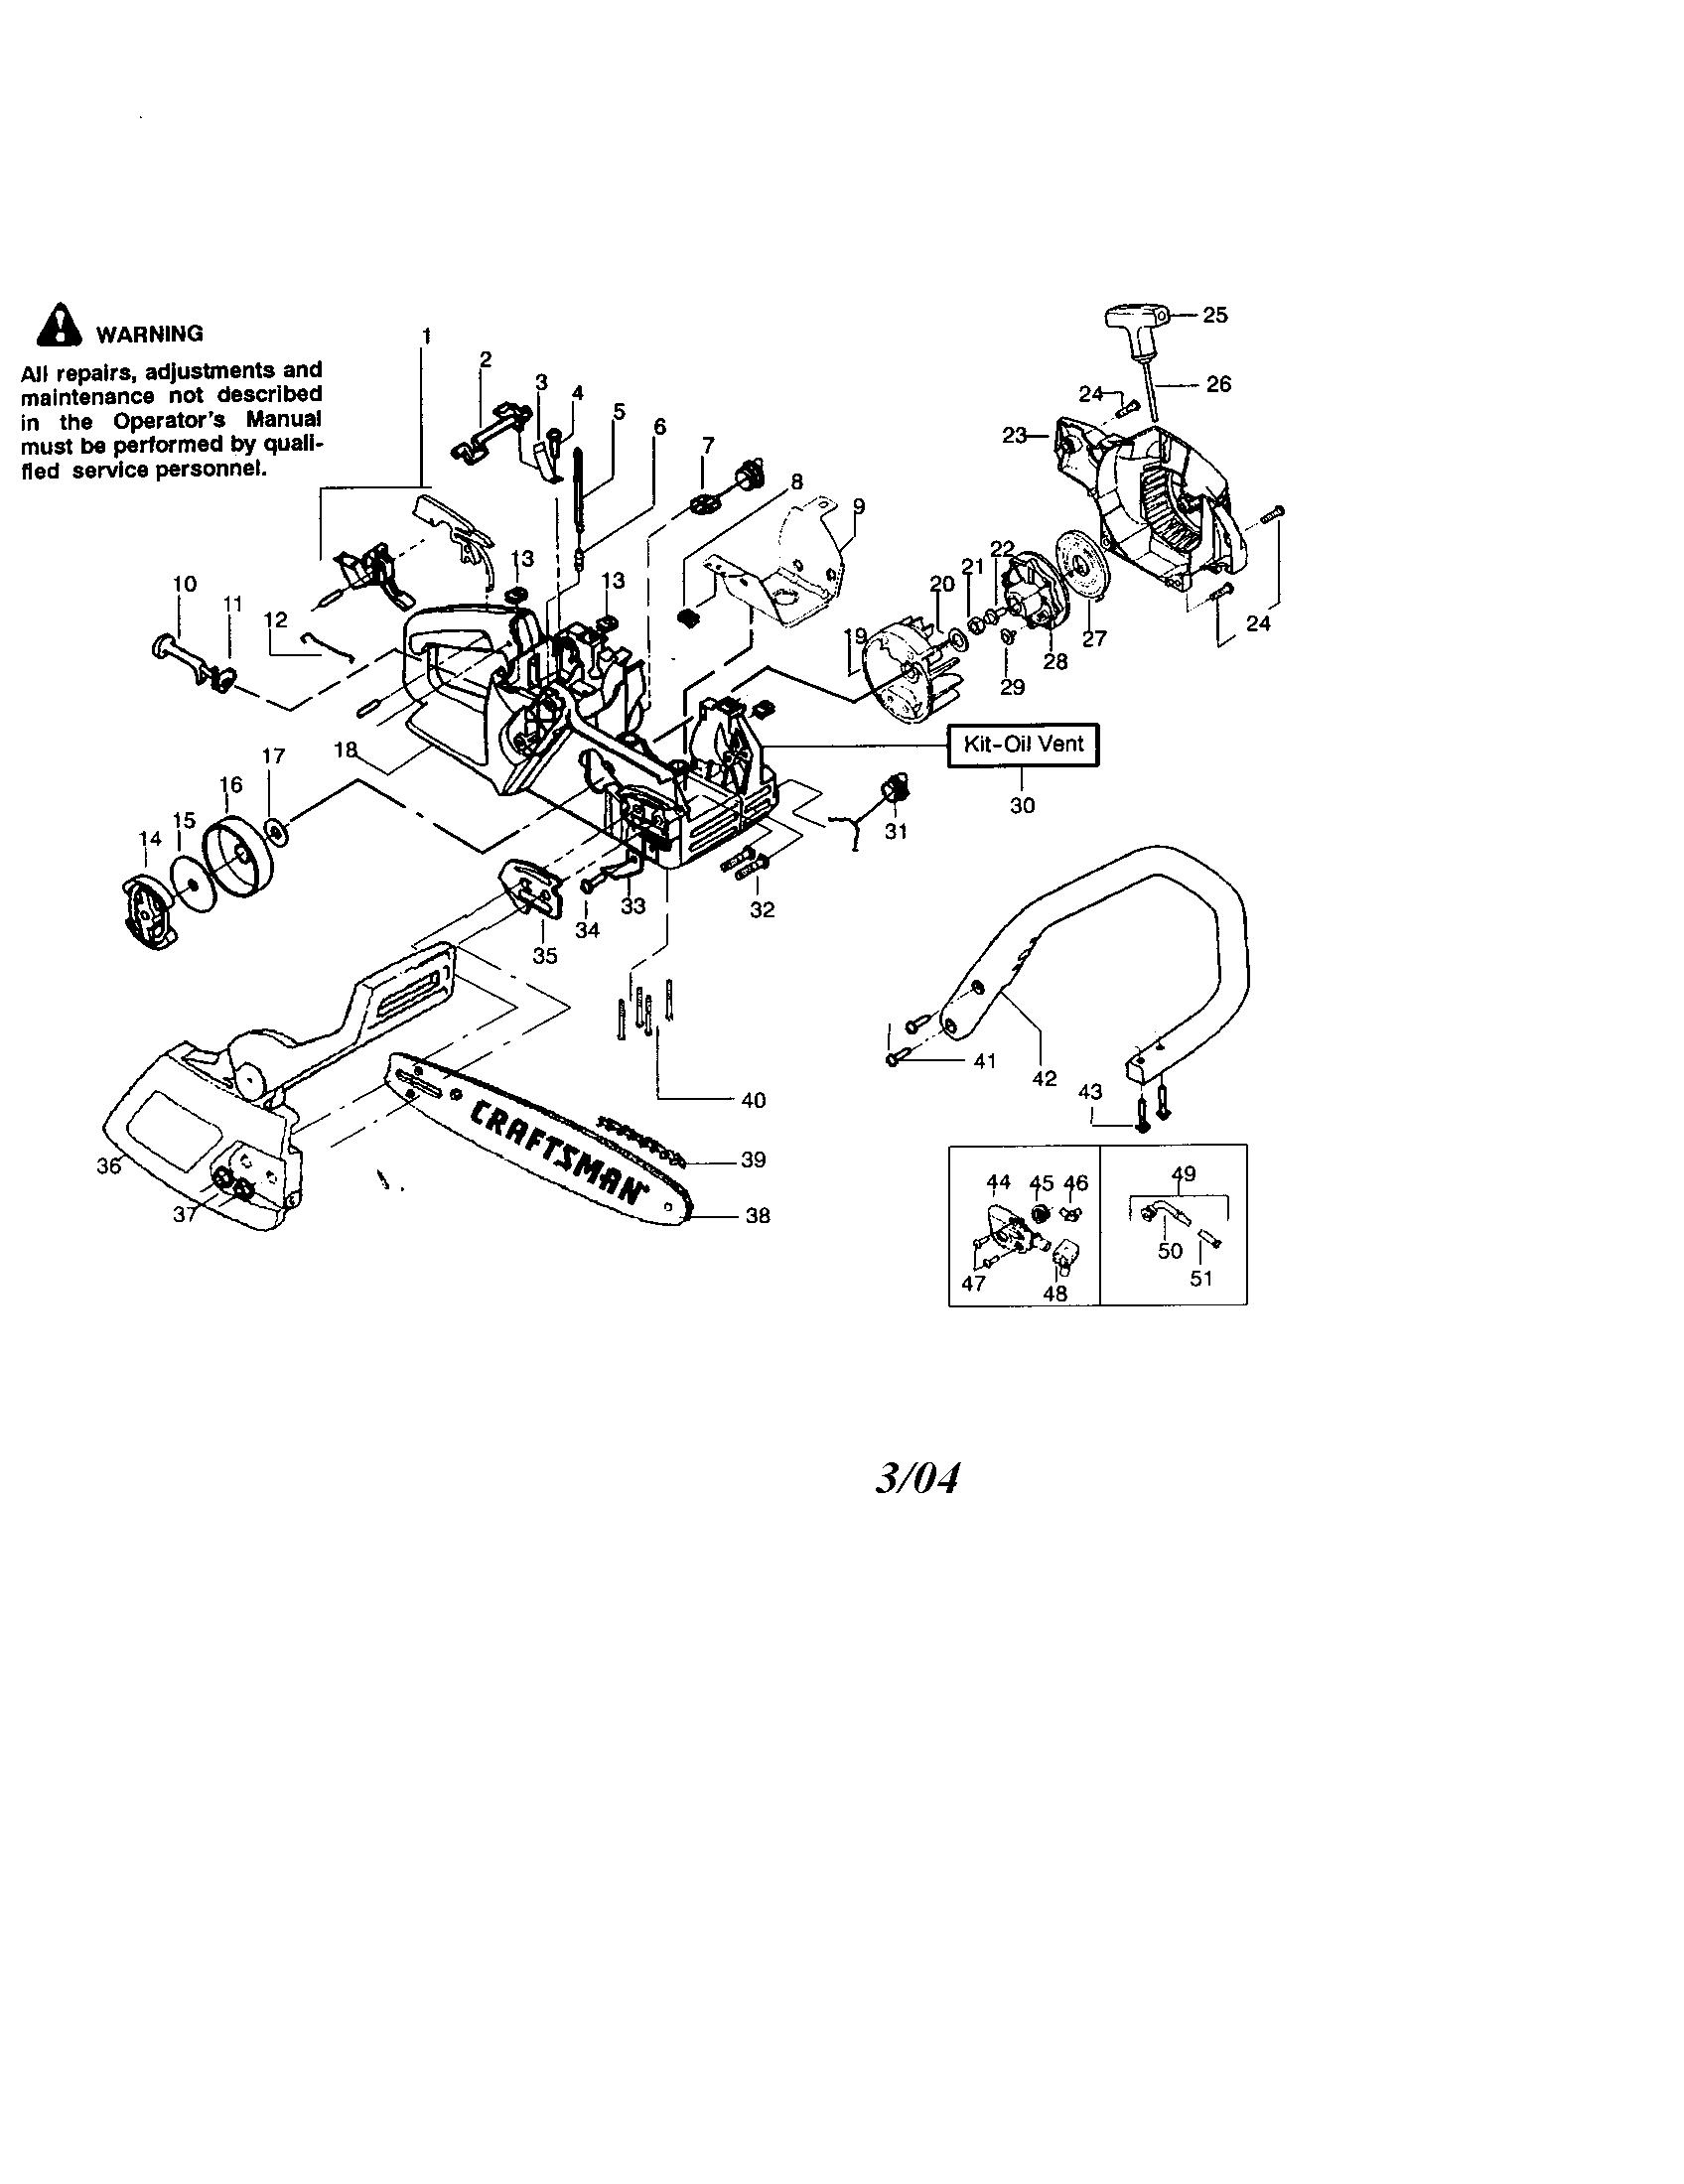 1x 49cc pocket bike wiring diagrams